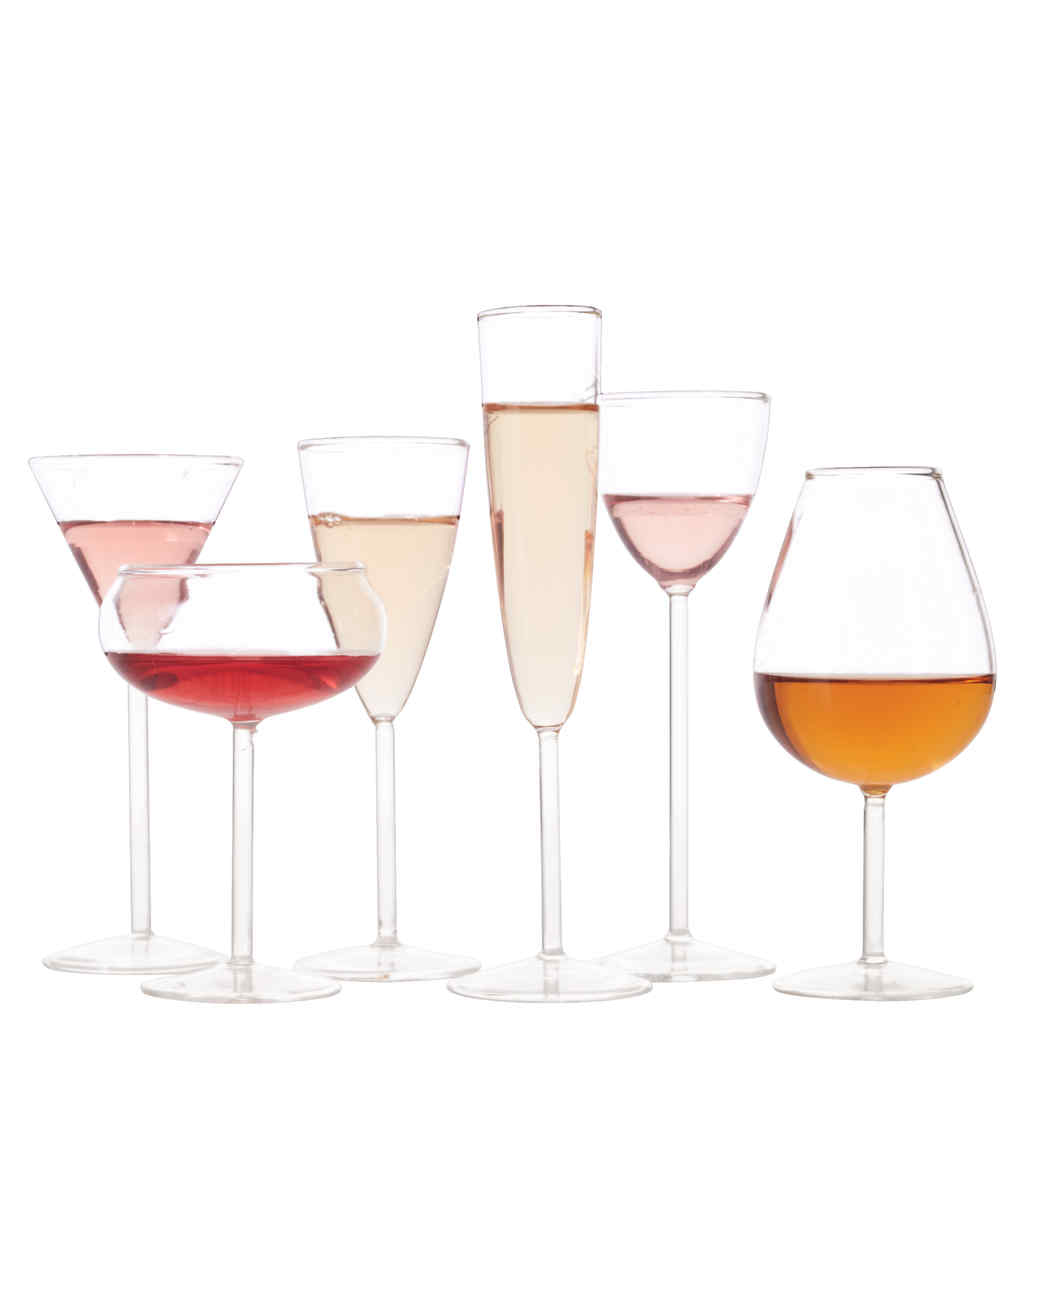 cocktail-glasses-266-d112519.jpg